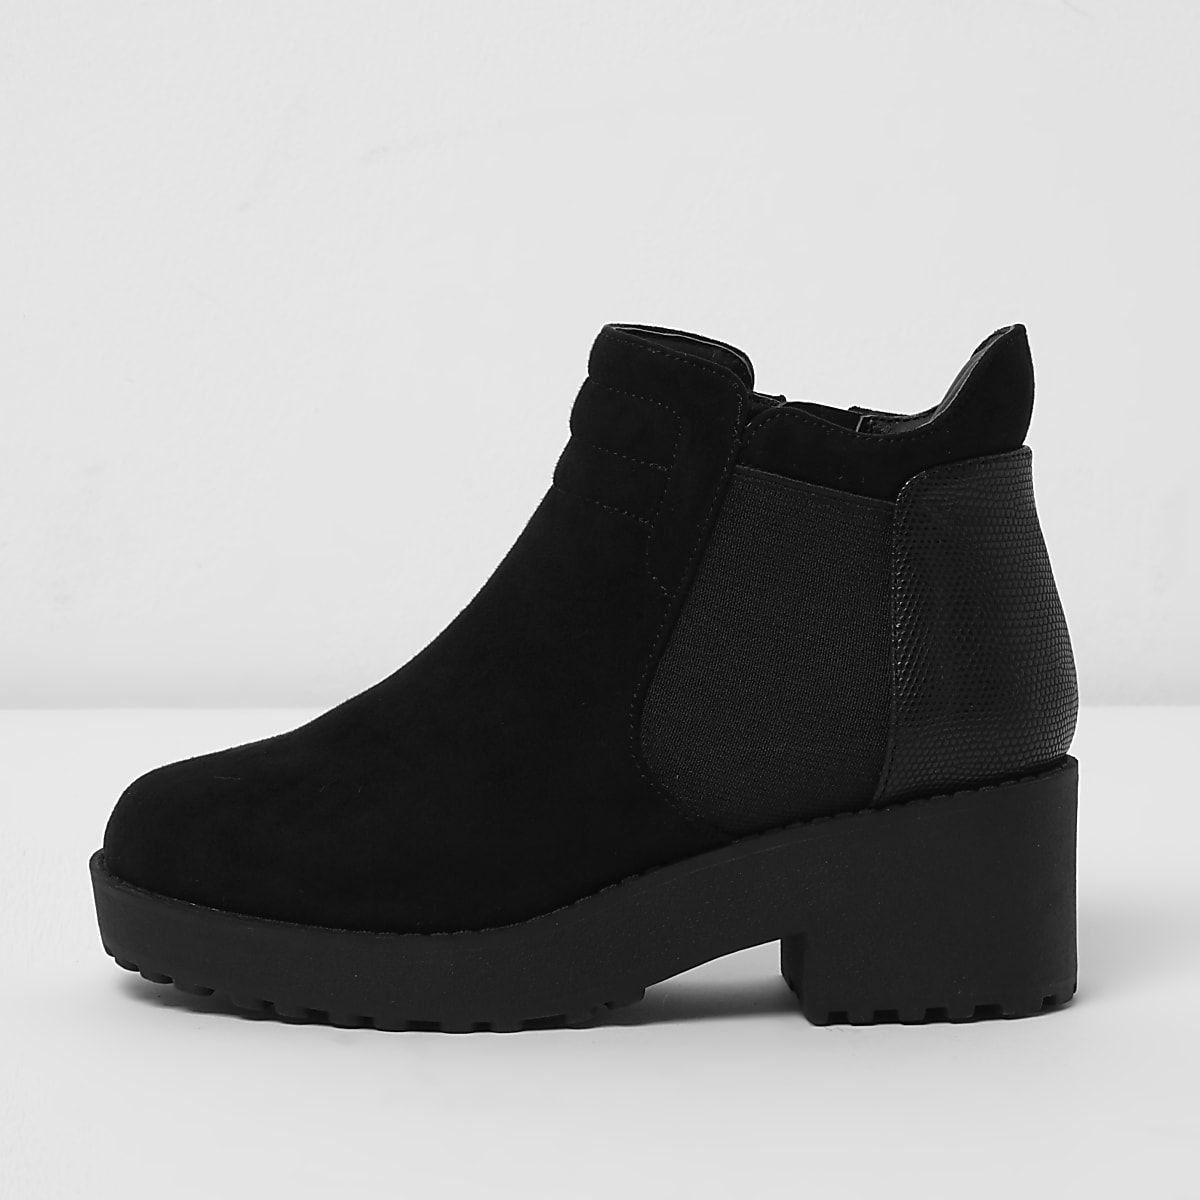 337310dcb41b9 Bottines noires à semelles épaisses pour fille - Bottes - Chaussures ...